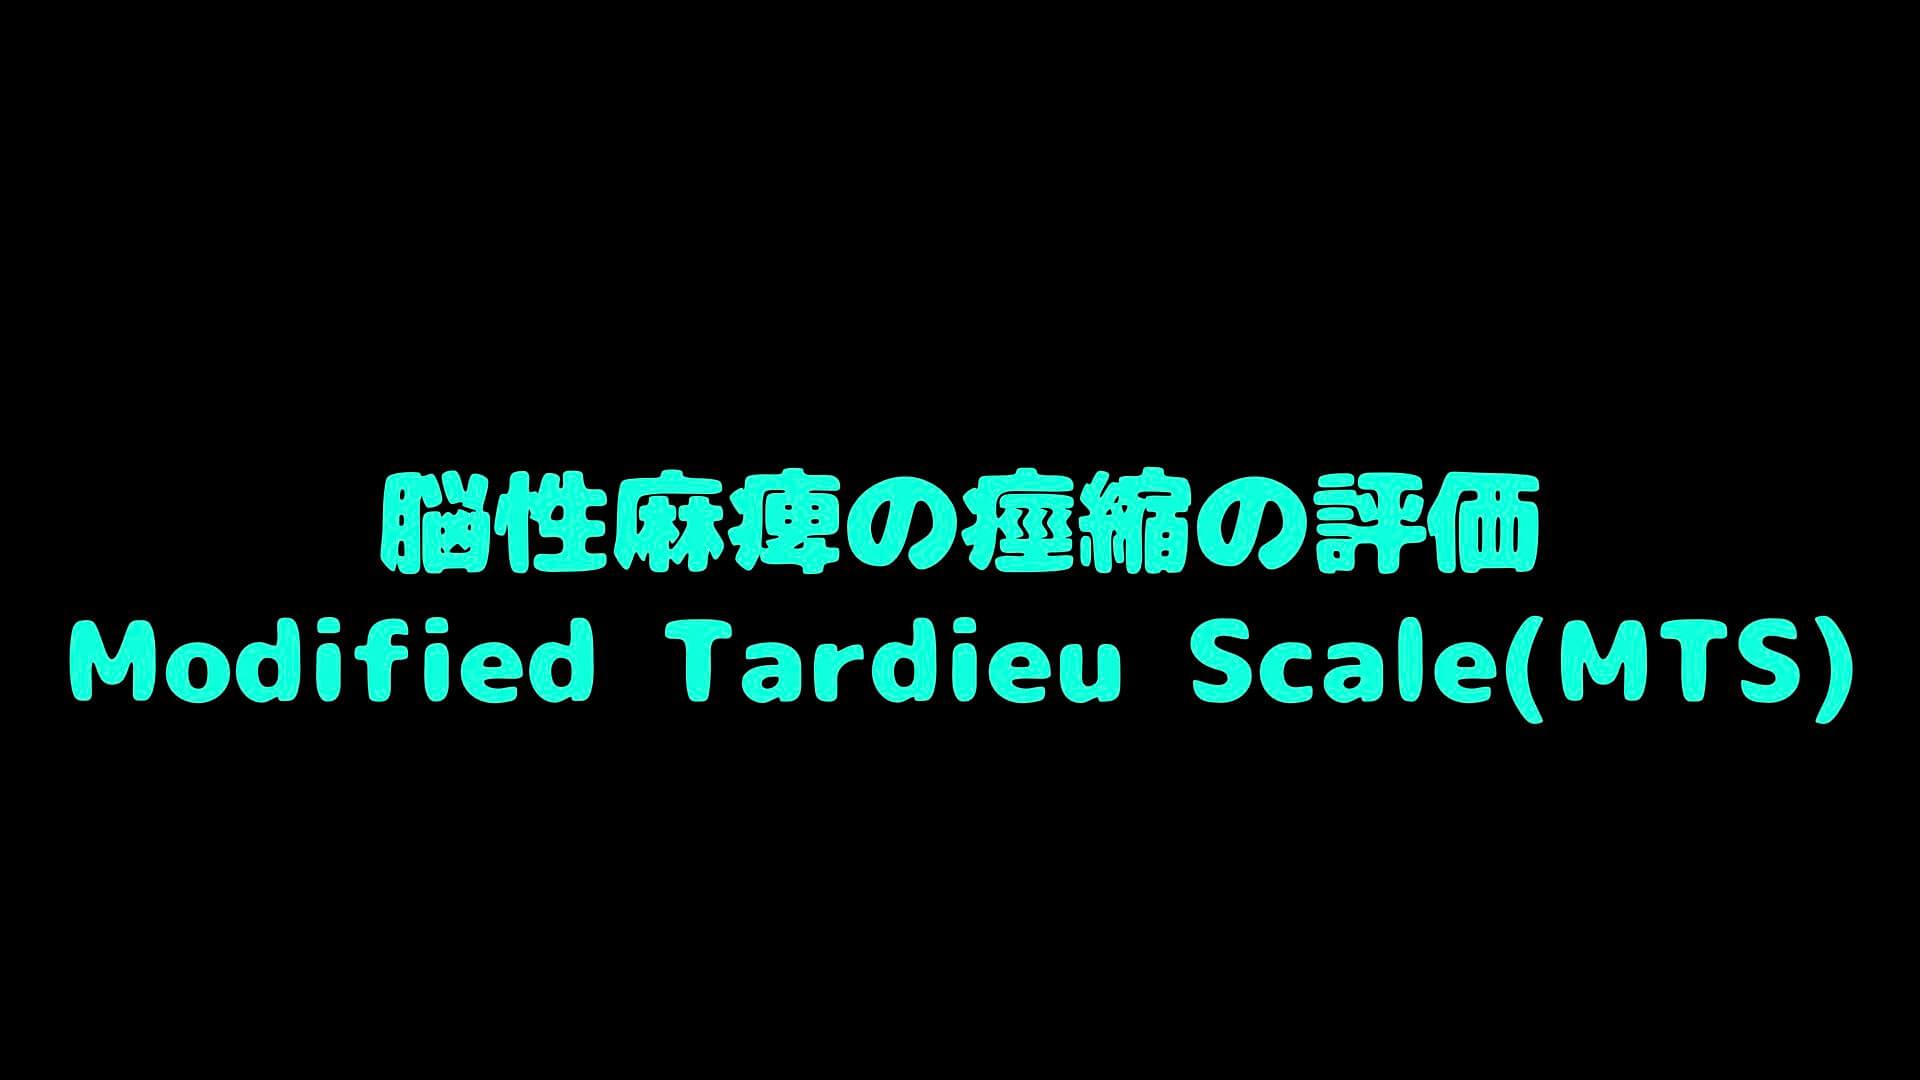 Modified Tardieu Scale(MTS)